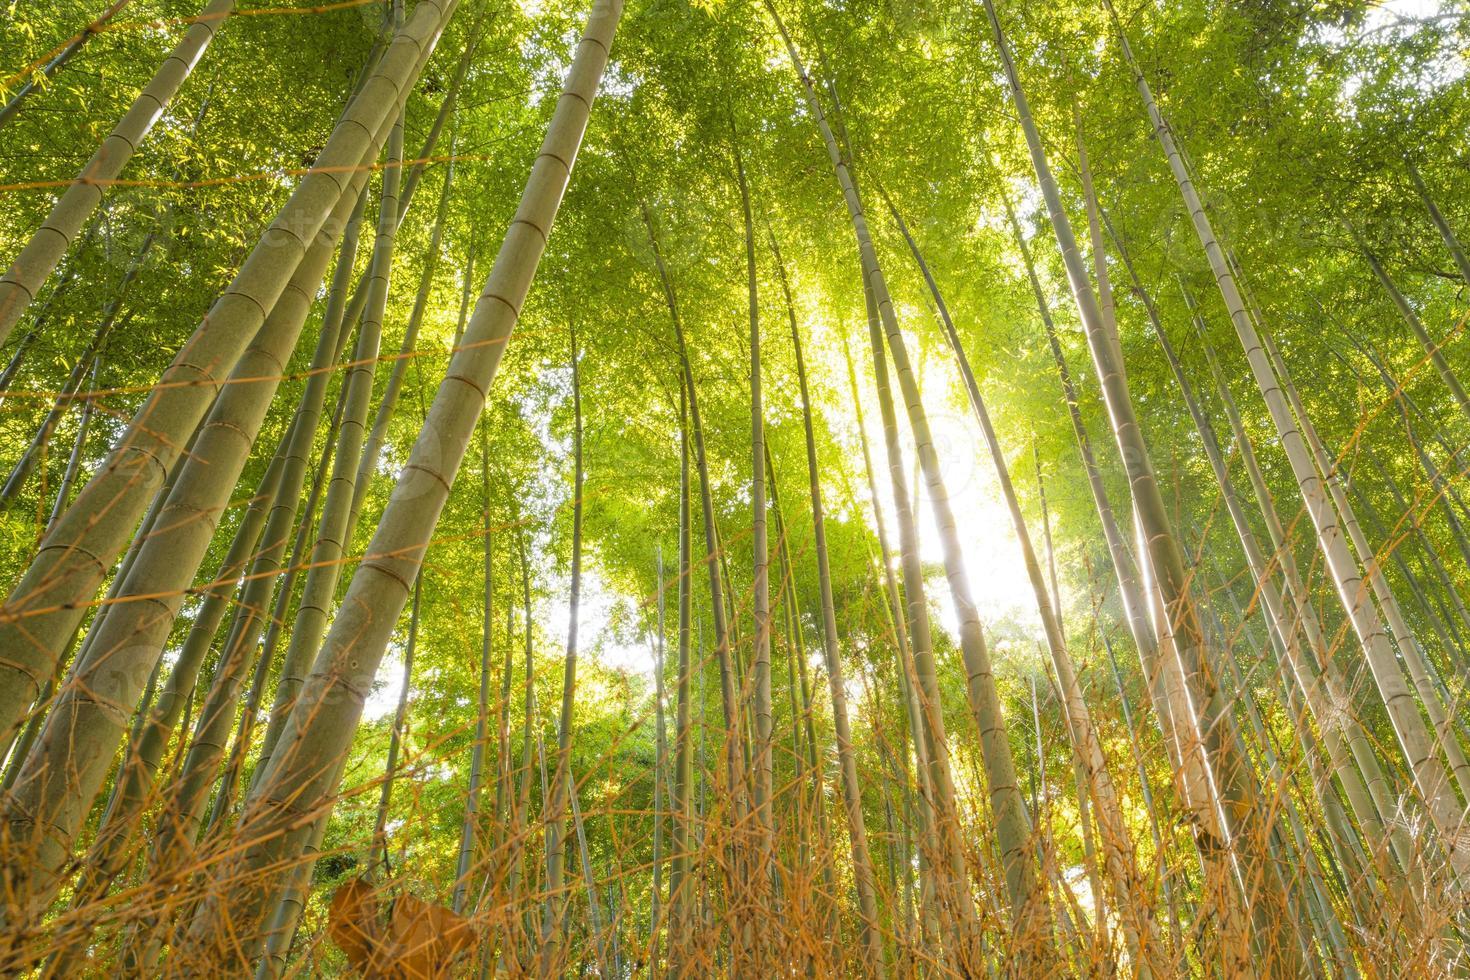 forêt de bambous, kyoto, japon photo